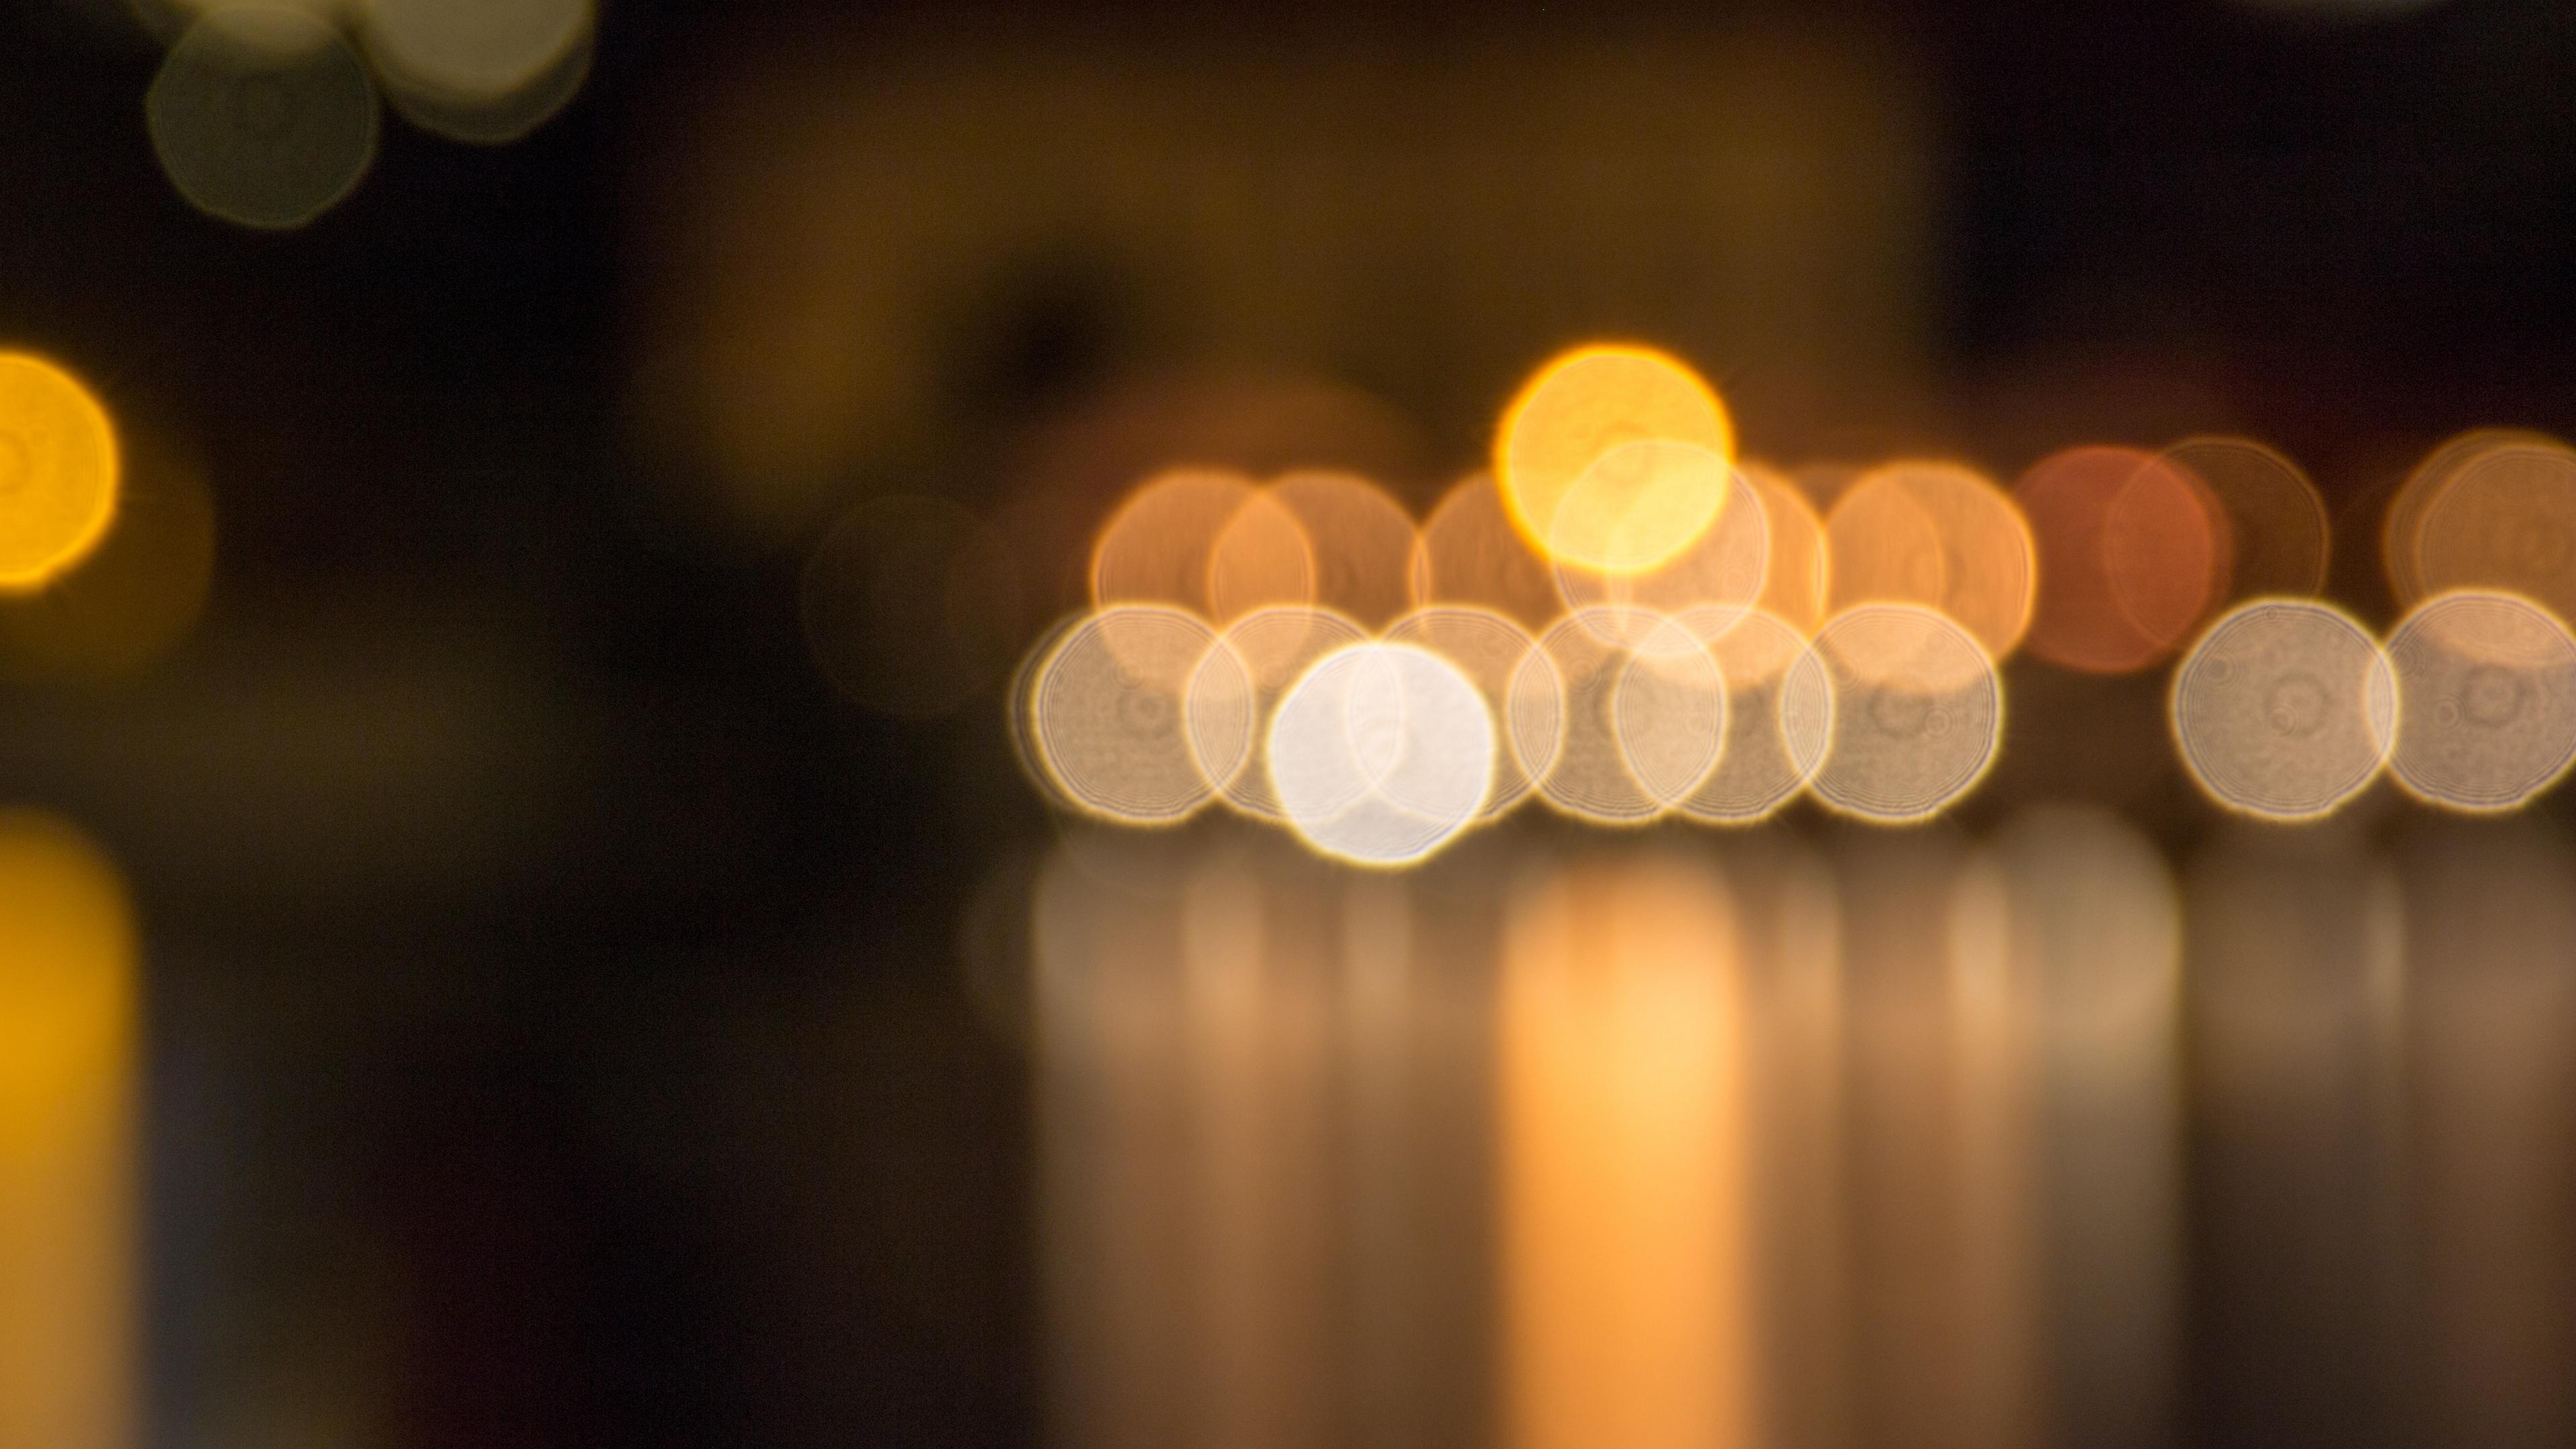 blocs circles light blur 4k 1539369825 - blocs, circles, light, blur 4k - Light, Circles, blocs